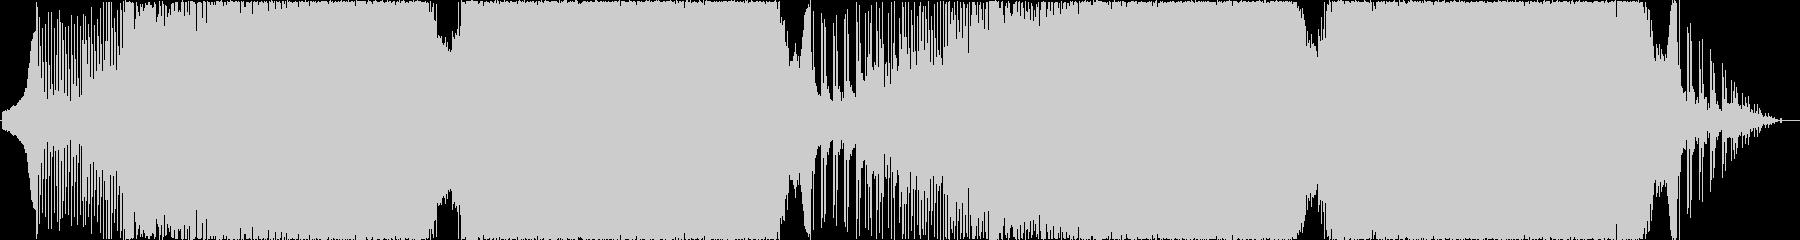 ゴシック調なシューティング向けBGMの未再生の波形